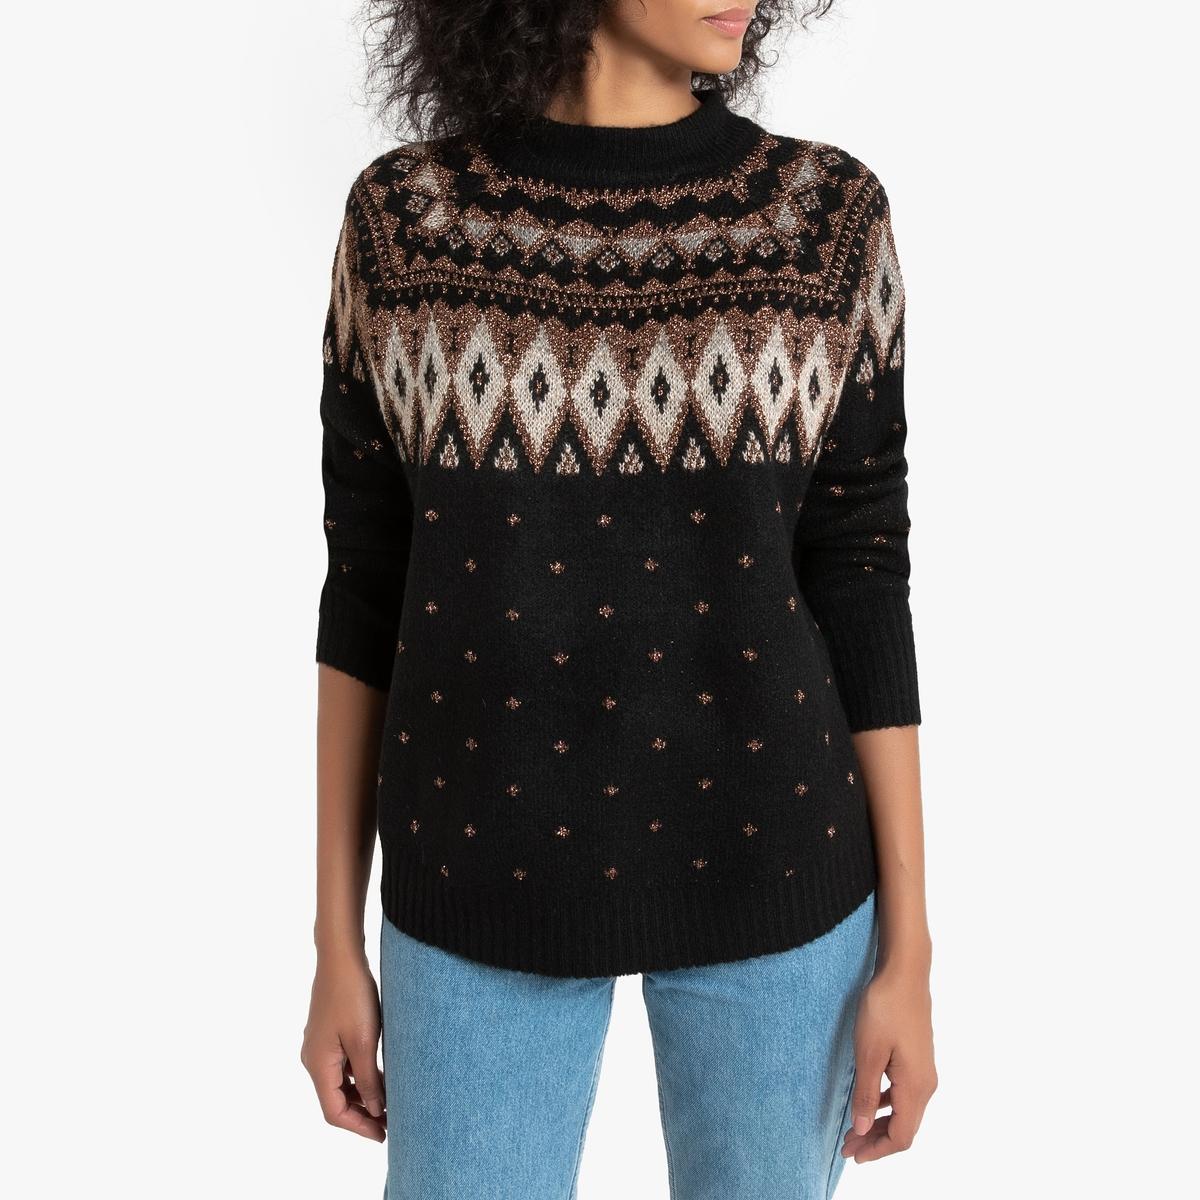 Пуловер La Redoute С длинными рукавами круглым вырезом и жаккардовым рисунком M черный блузка la redoute с круглым вырезом цветочным рисунком и длинными рукавами s черный